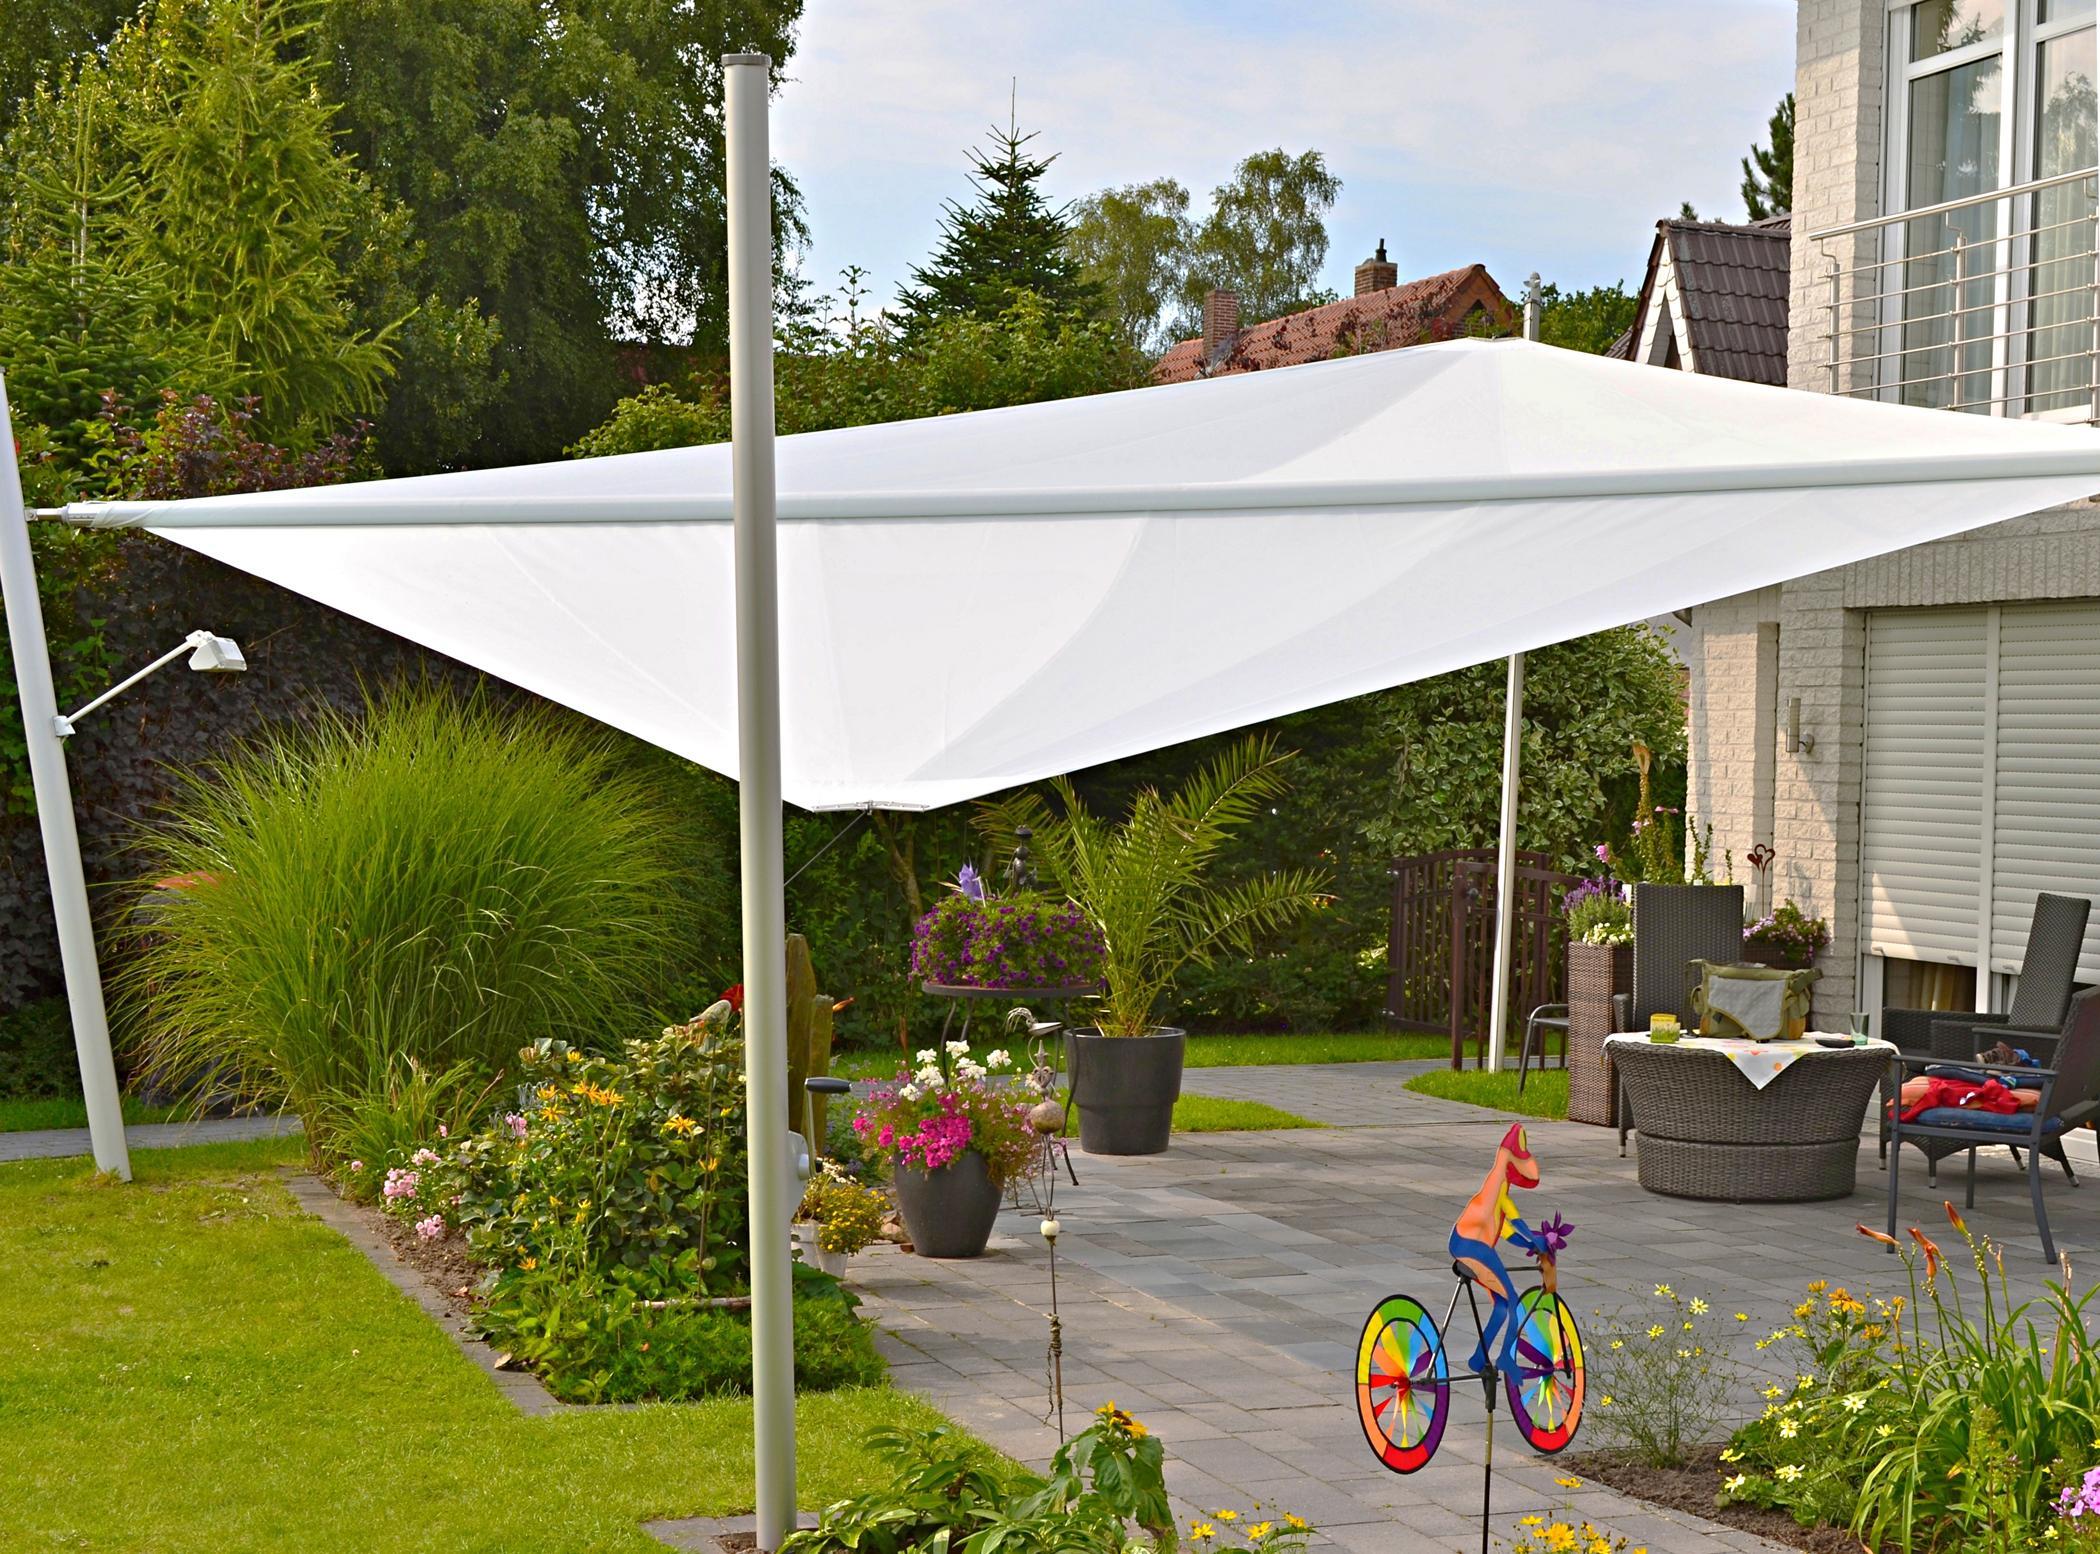 sonnensegel good sonnensegel with sonnensegel das. Black Bedroom Furniture Sets. Home Design Ideas